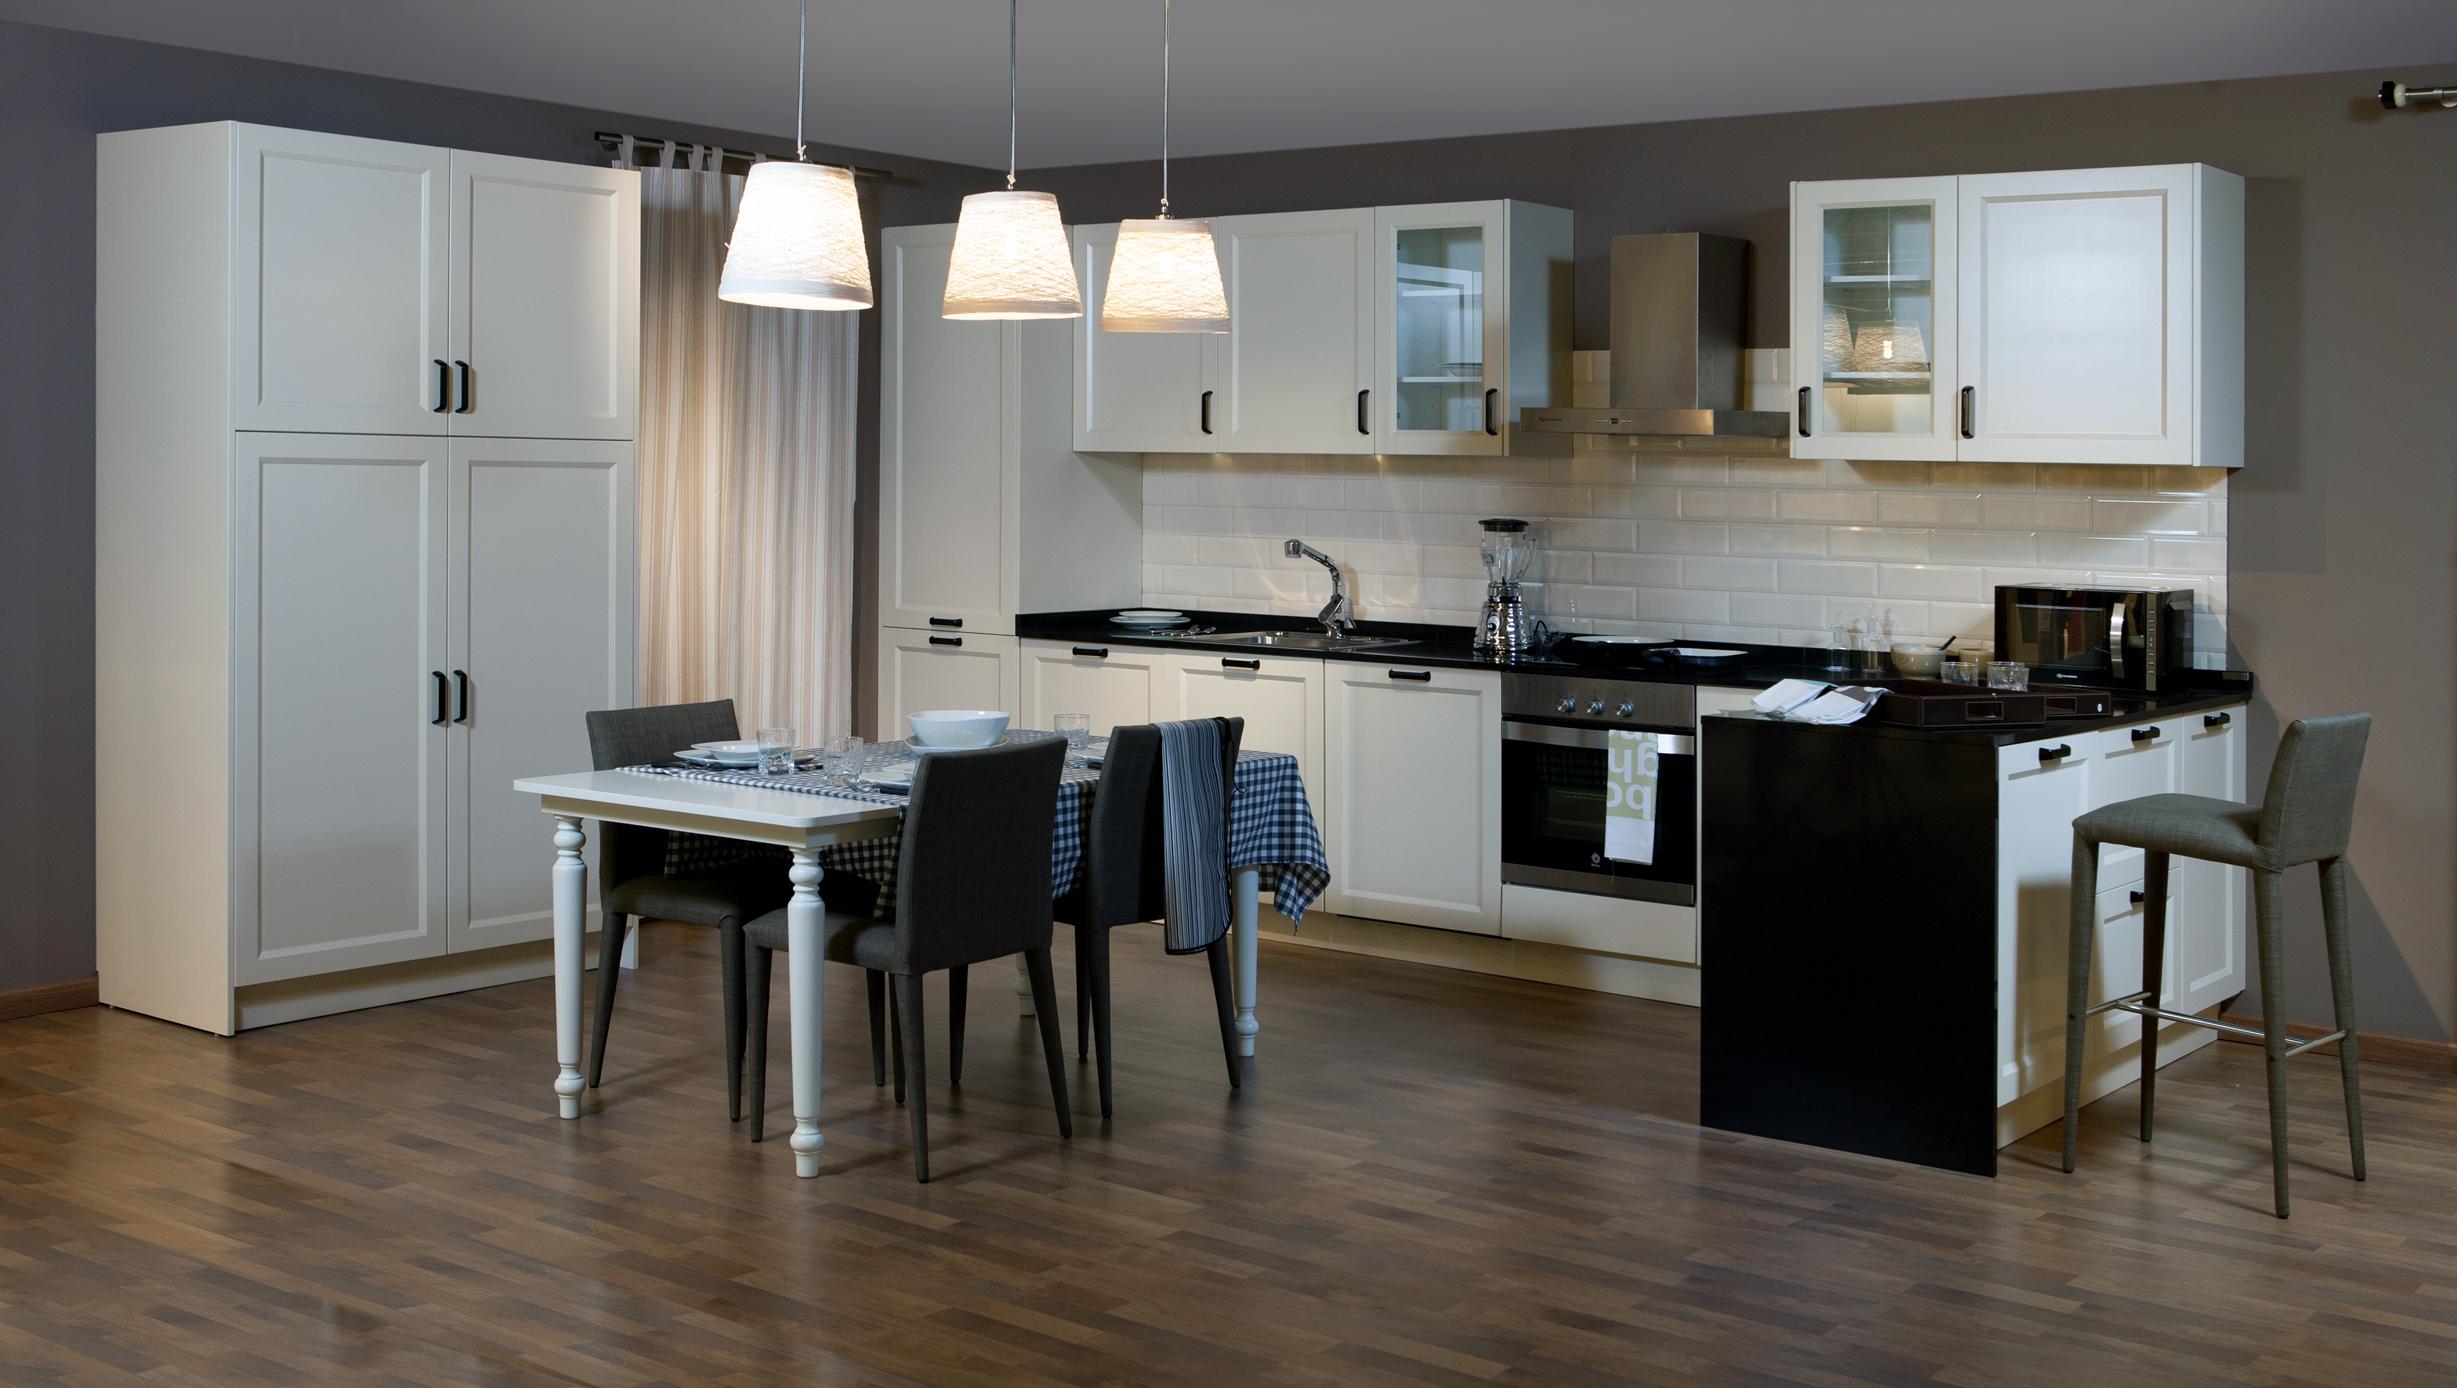 lamiplast participar en maderalia y en espacio cocina